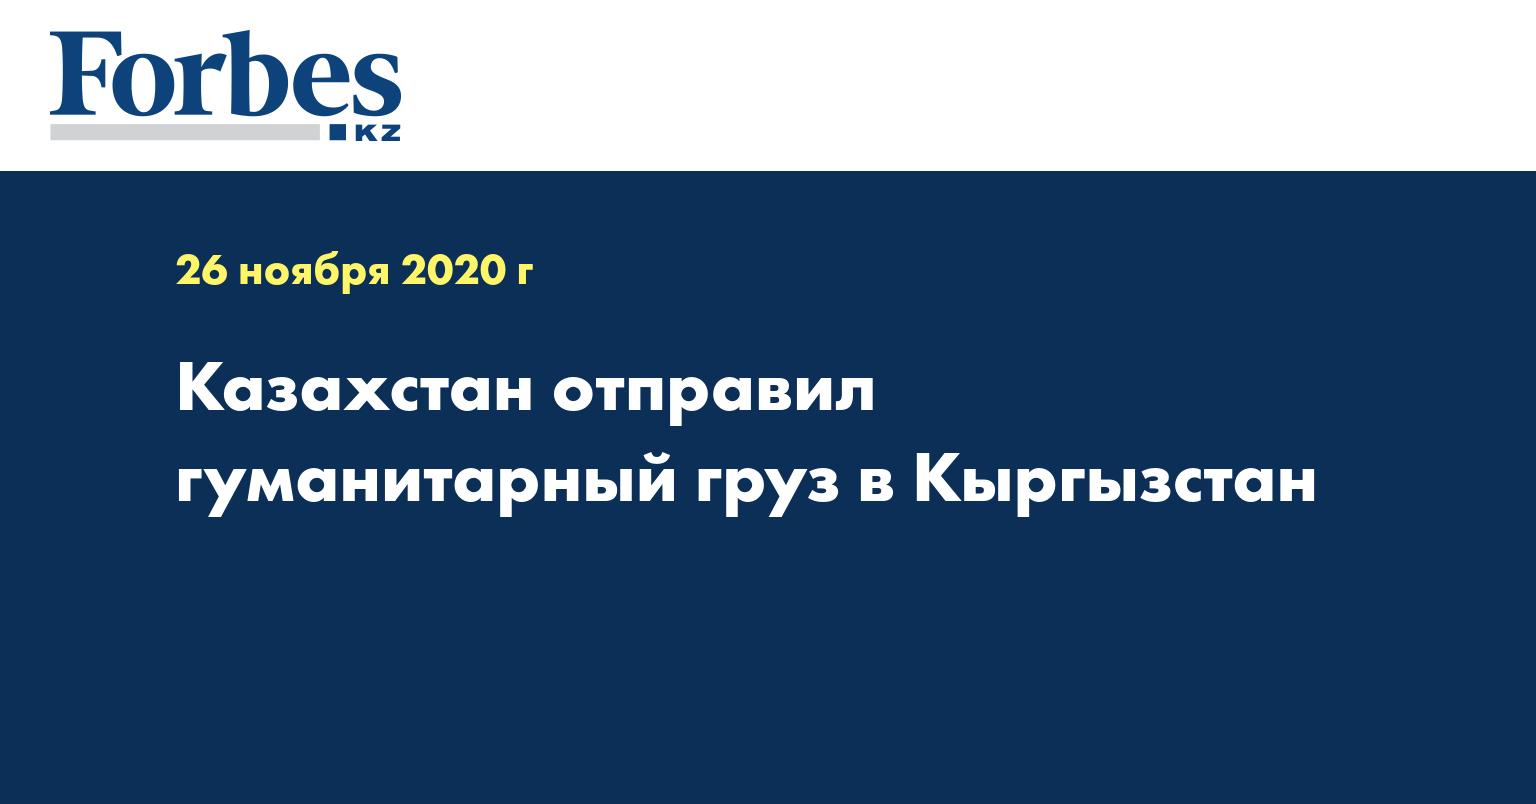 Казахстан отправил гуманитарный груз в Кыргызстан